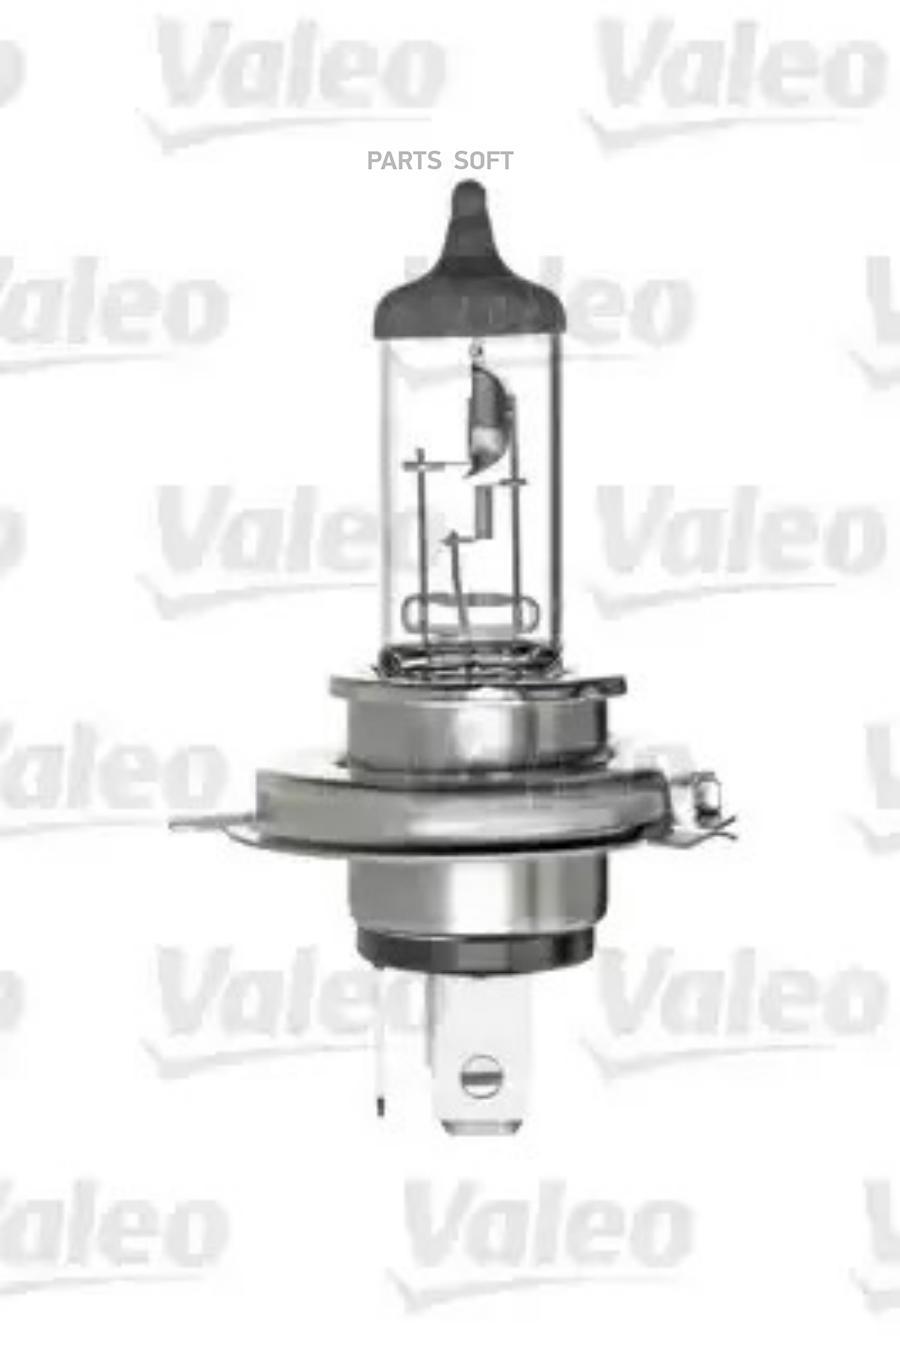 Лампа Н4 12х55/60 рk43t-38